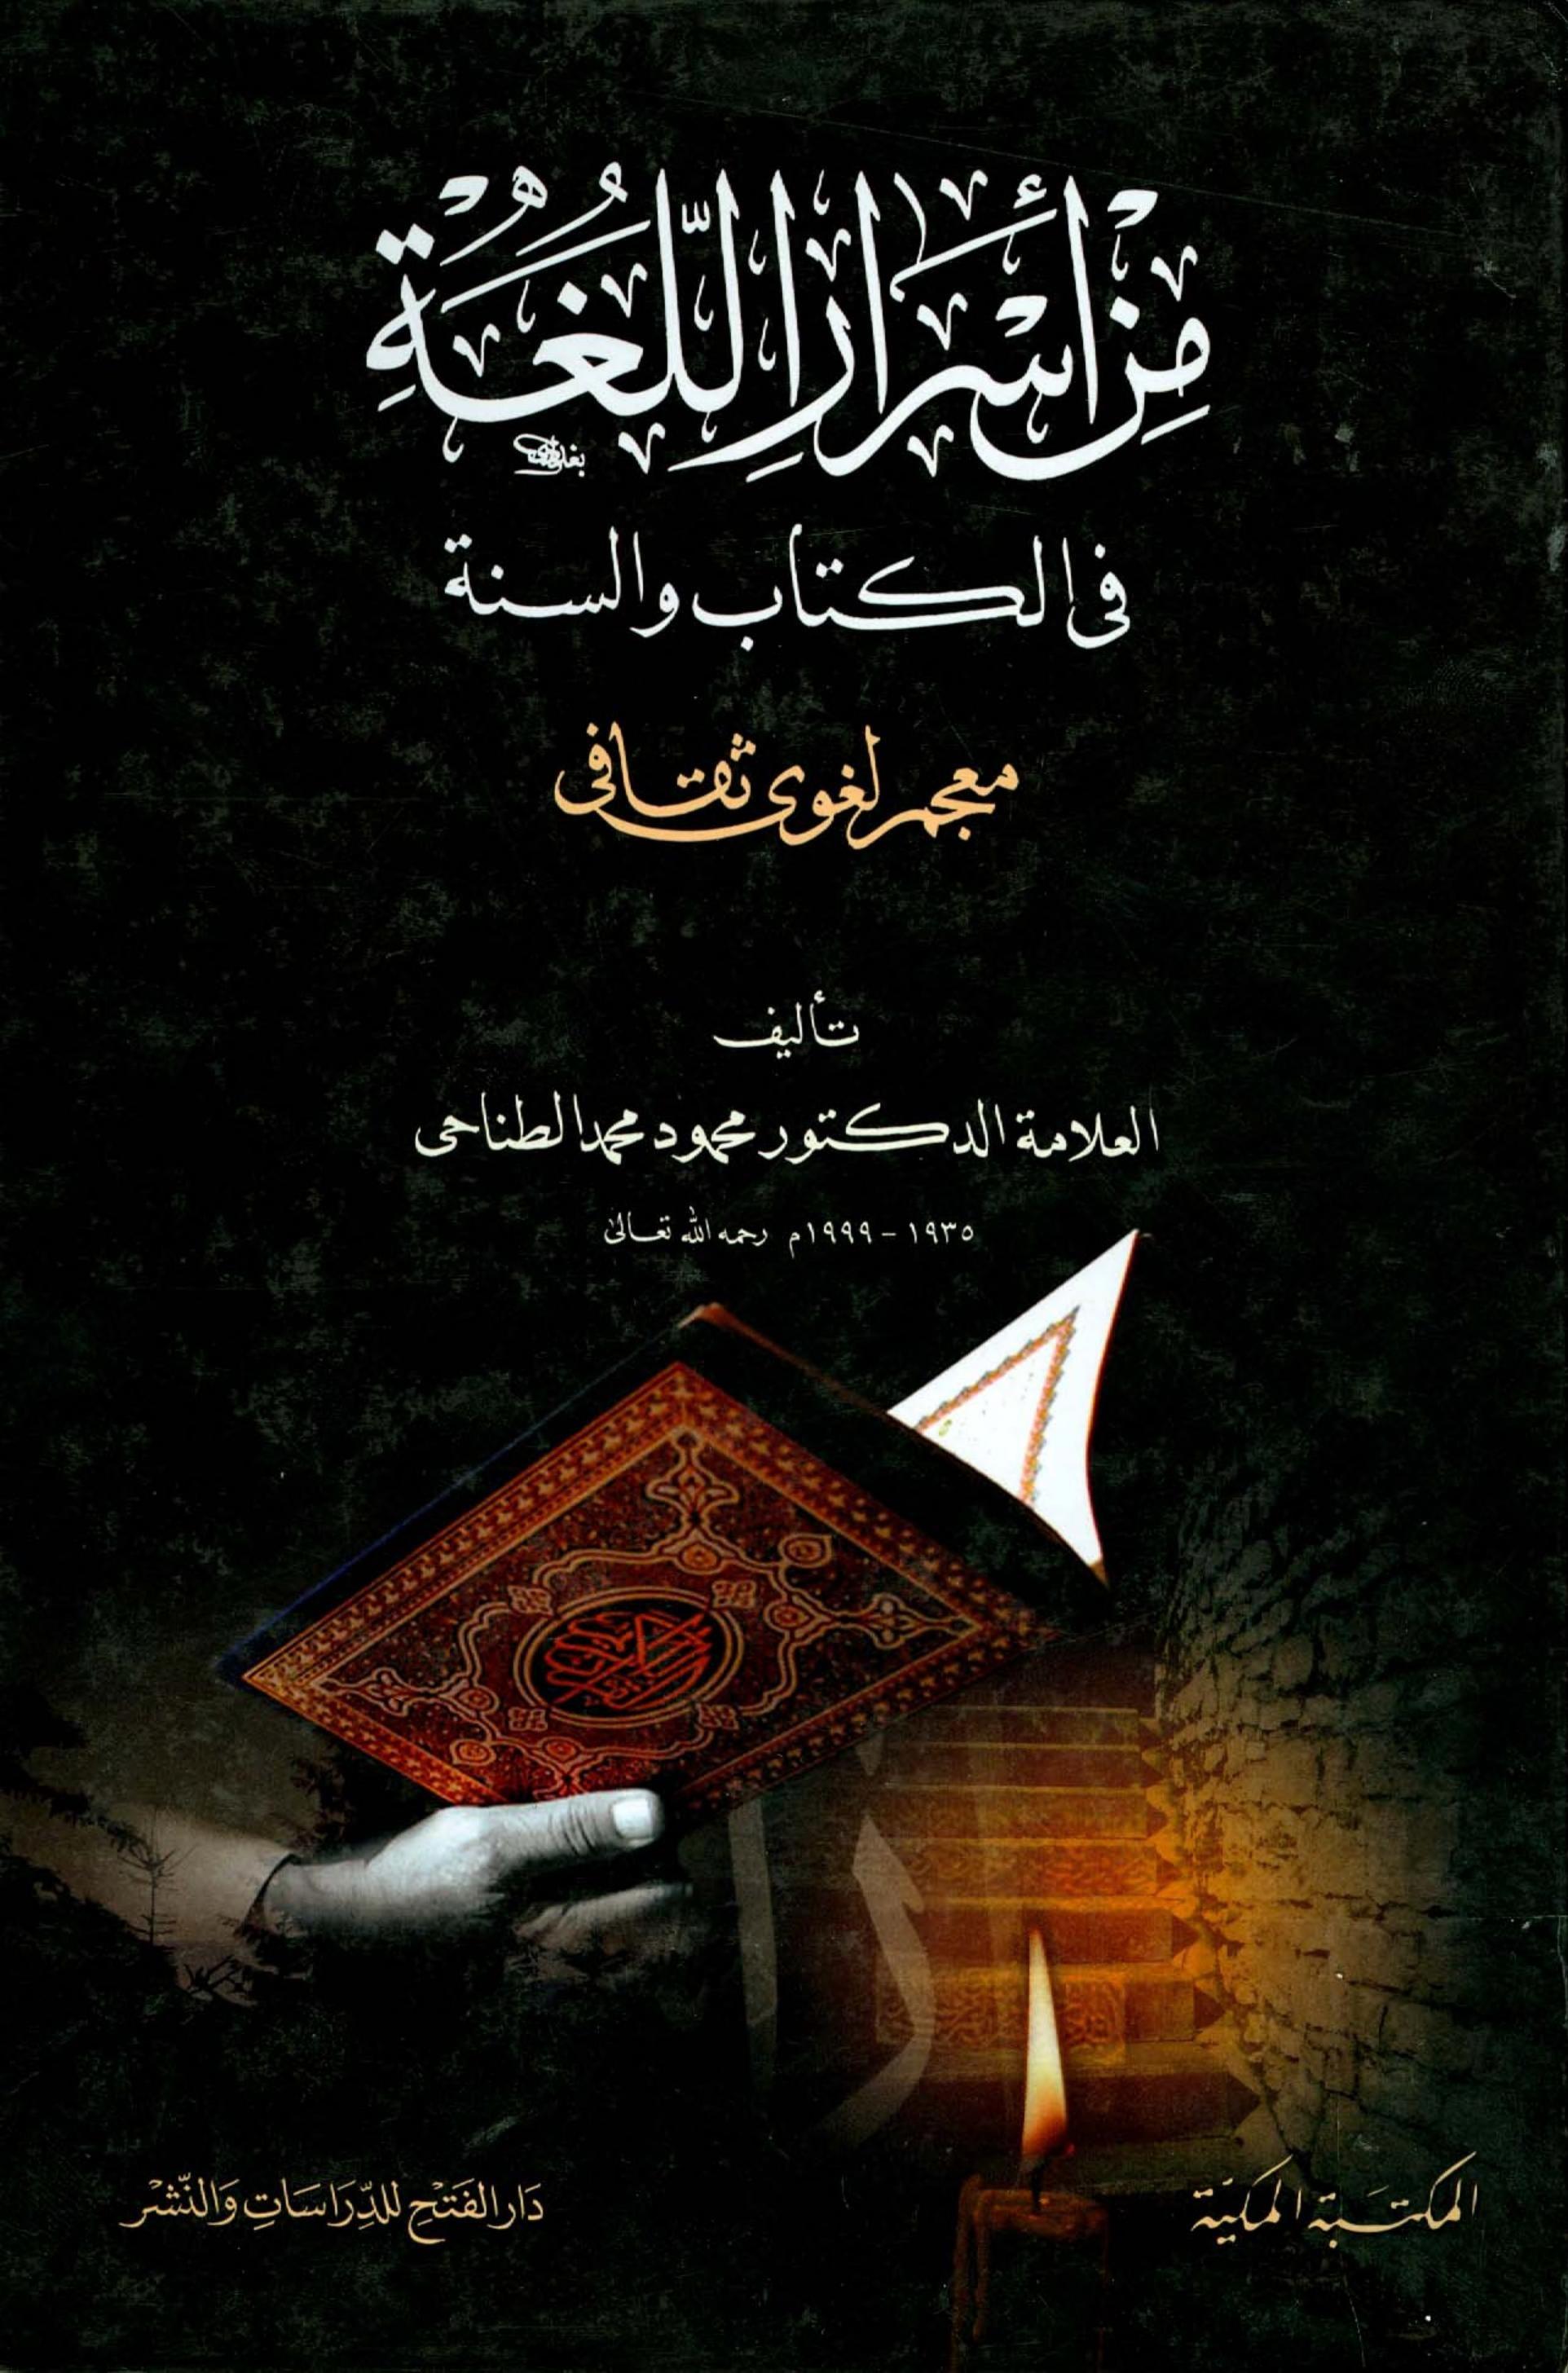 المعاجم اللغوية مجموعة متميزة وشاملة من معاجم اللغة العربية Free Download Borrow And Streaming Internet Archive Ebooks Free Books Islamic Caligraphy My Books